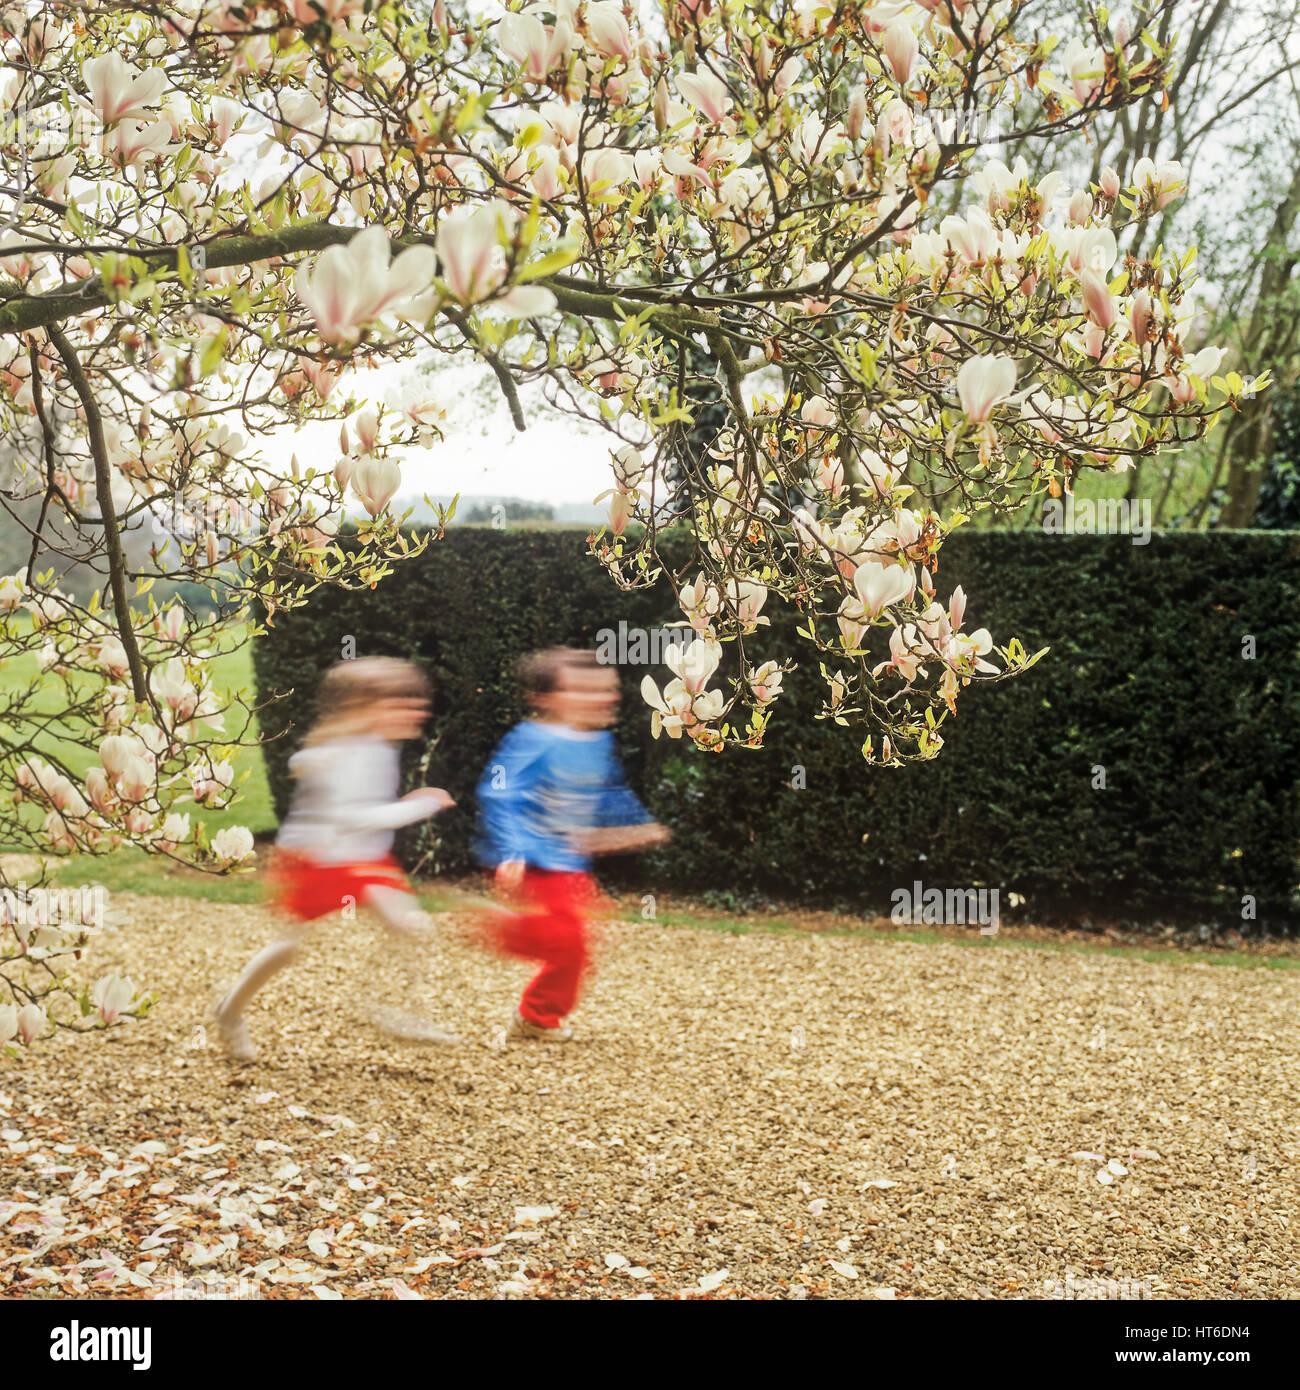 Children running in a garden. - Stock Image